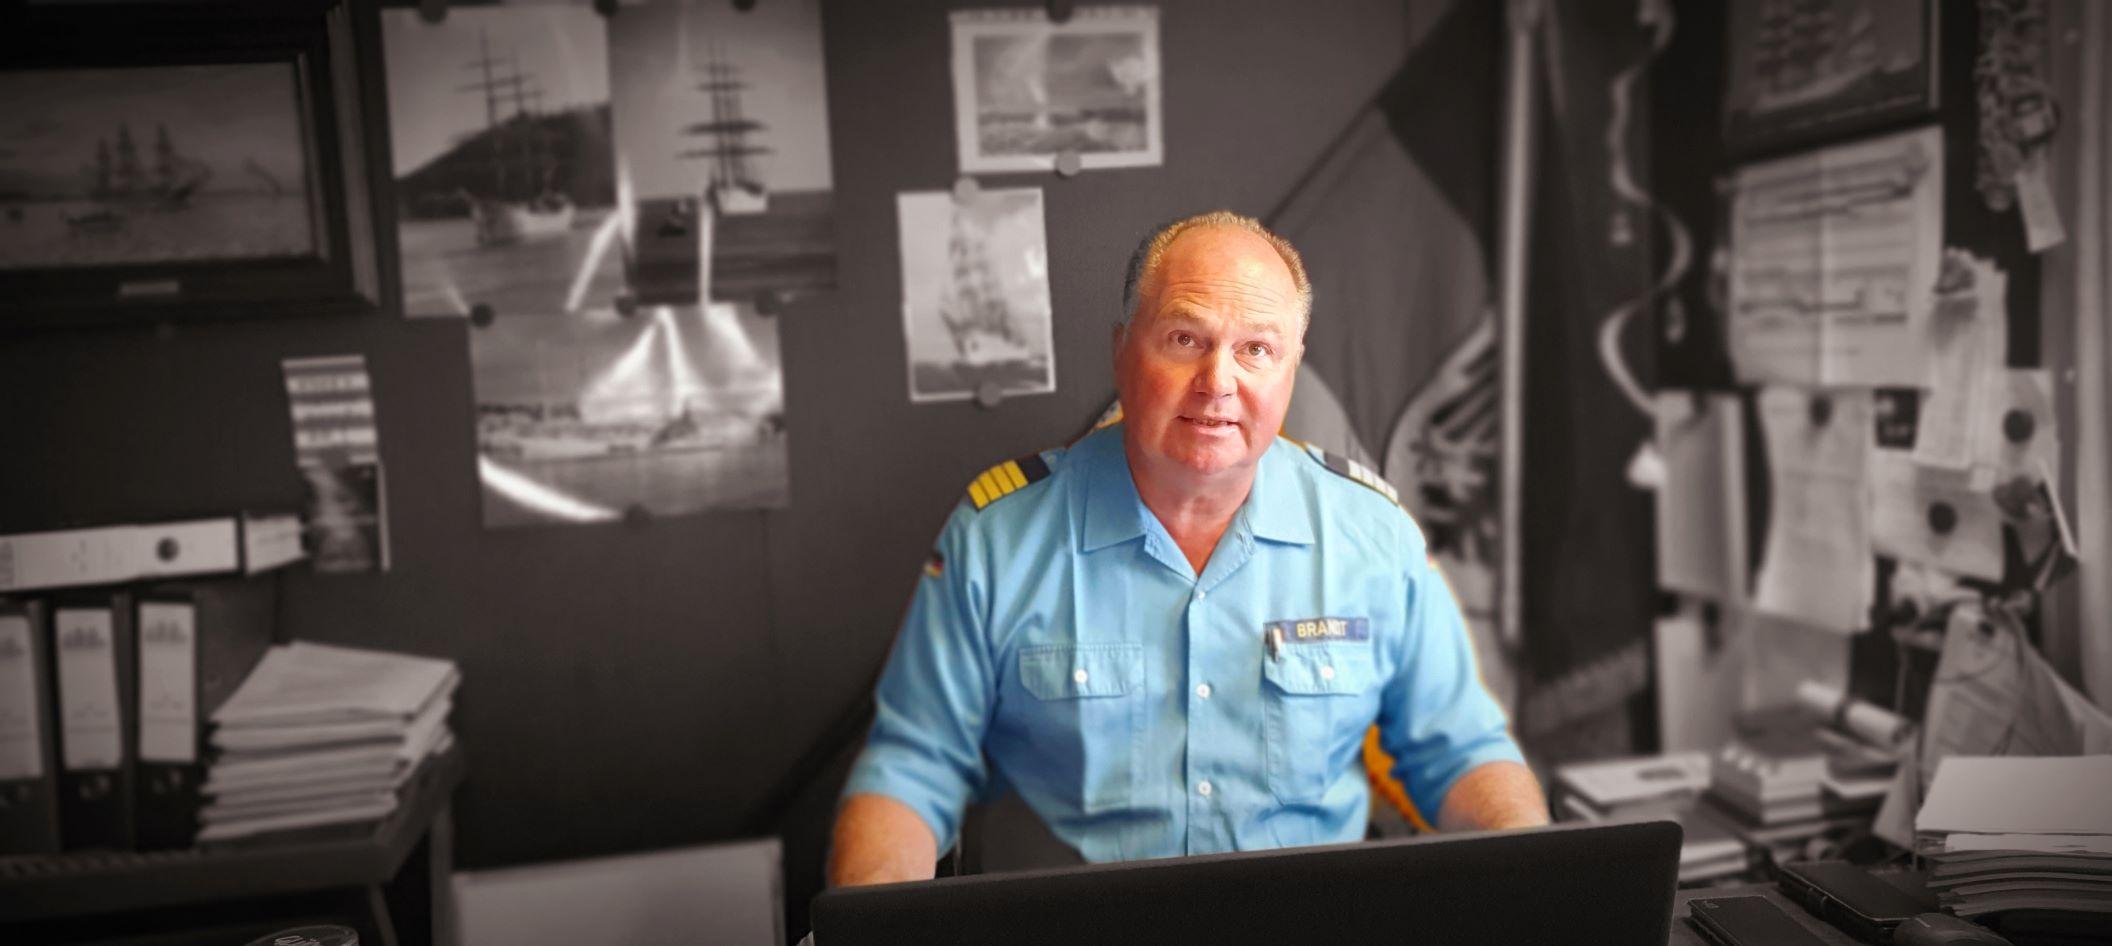 Der Kommandant der GORCH FOCK, Kapitän zur See Nils Brandt, an seinem Schreibtisch auf dem Wohnboot KNURRHAHN, 1. August 2019. Foto: May-Barg.